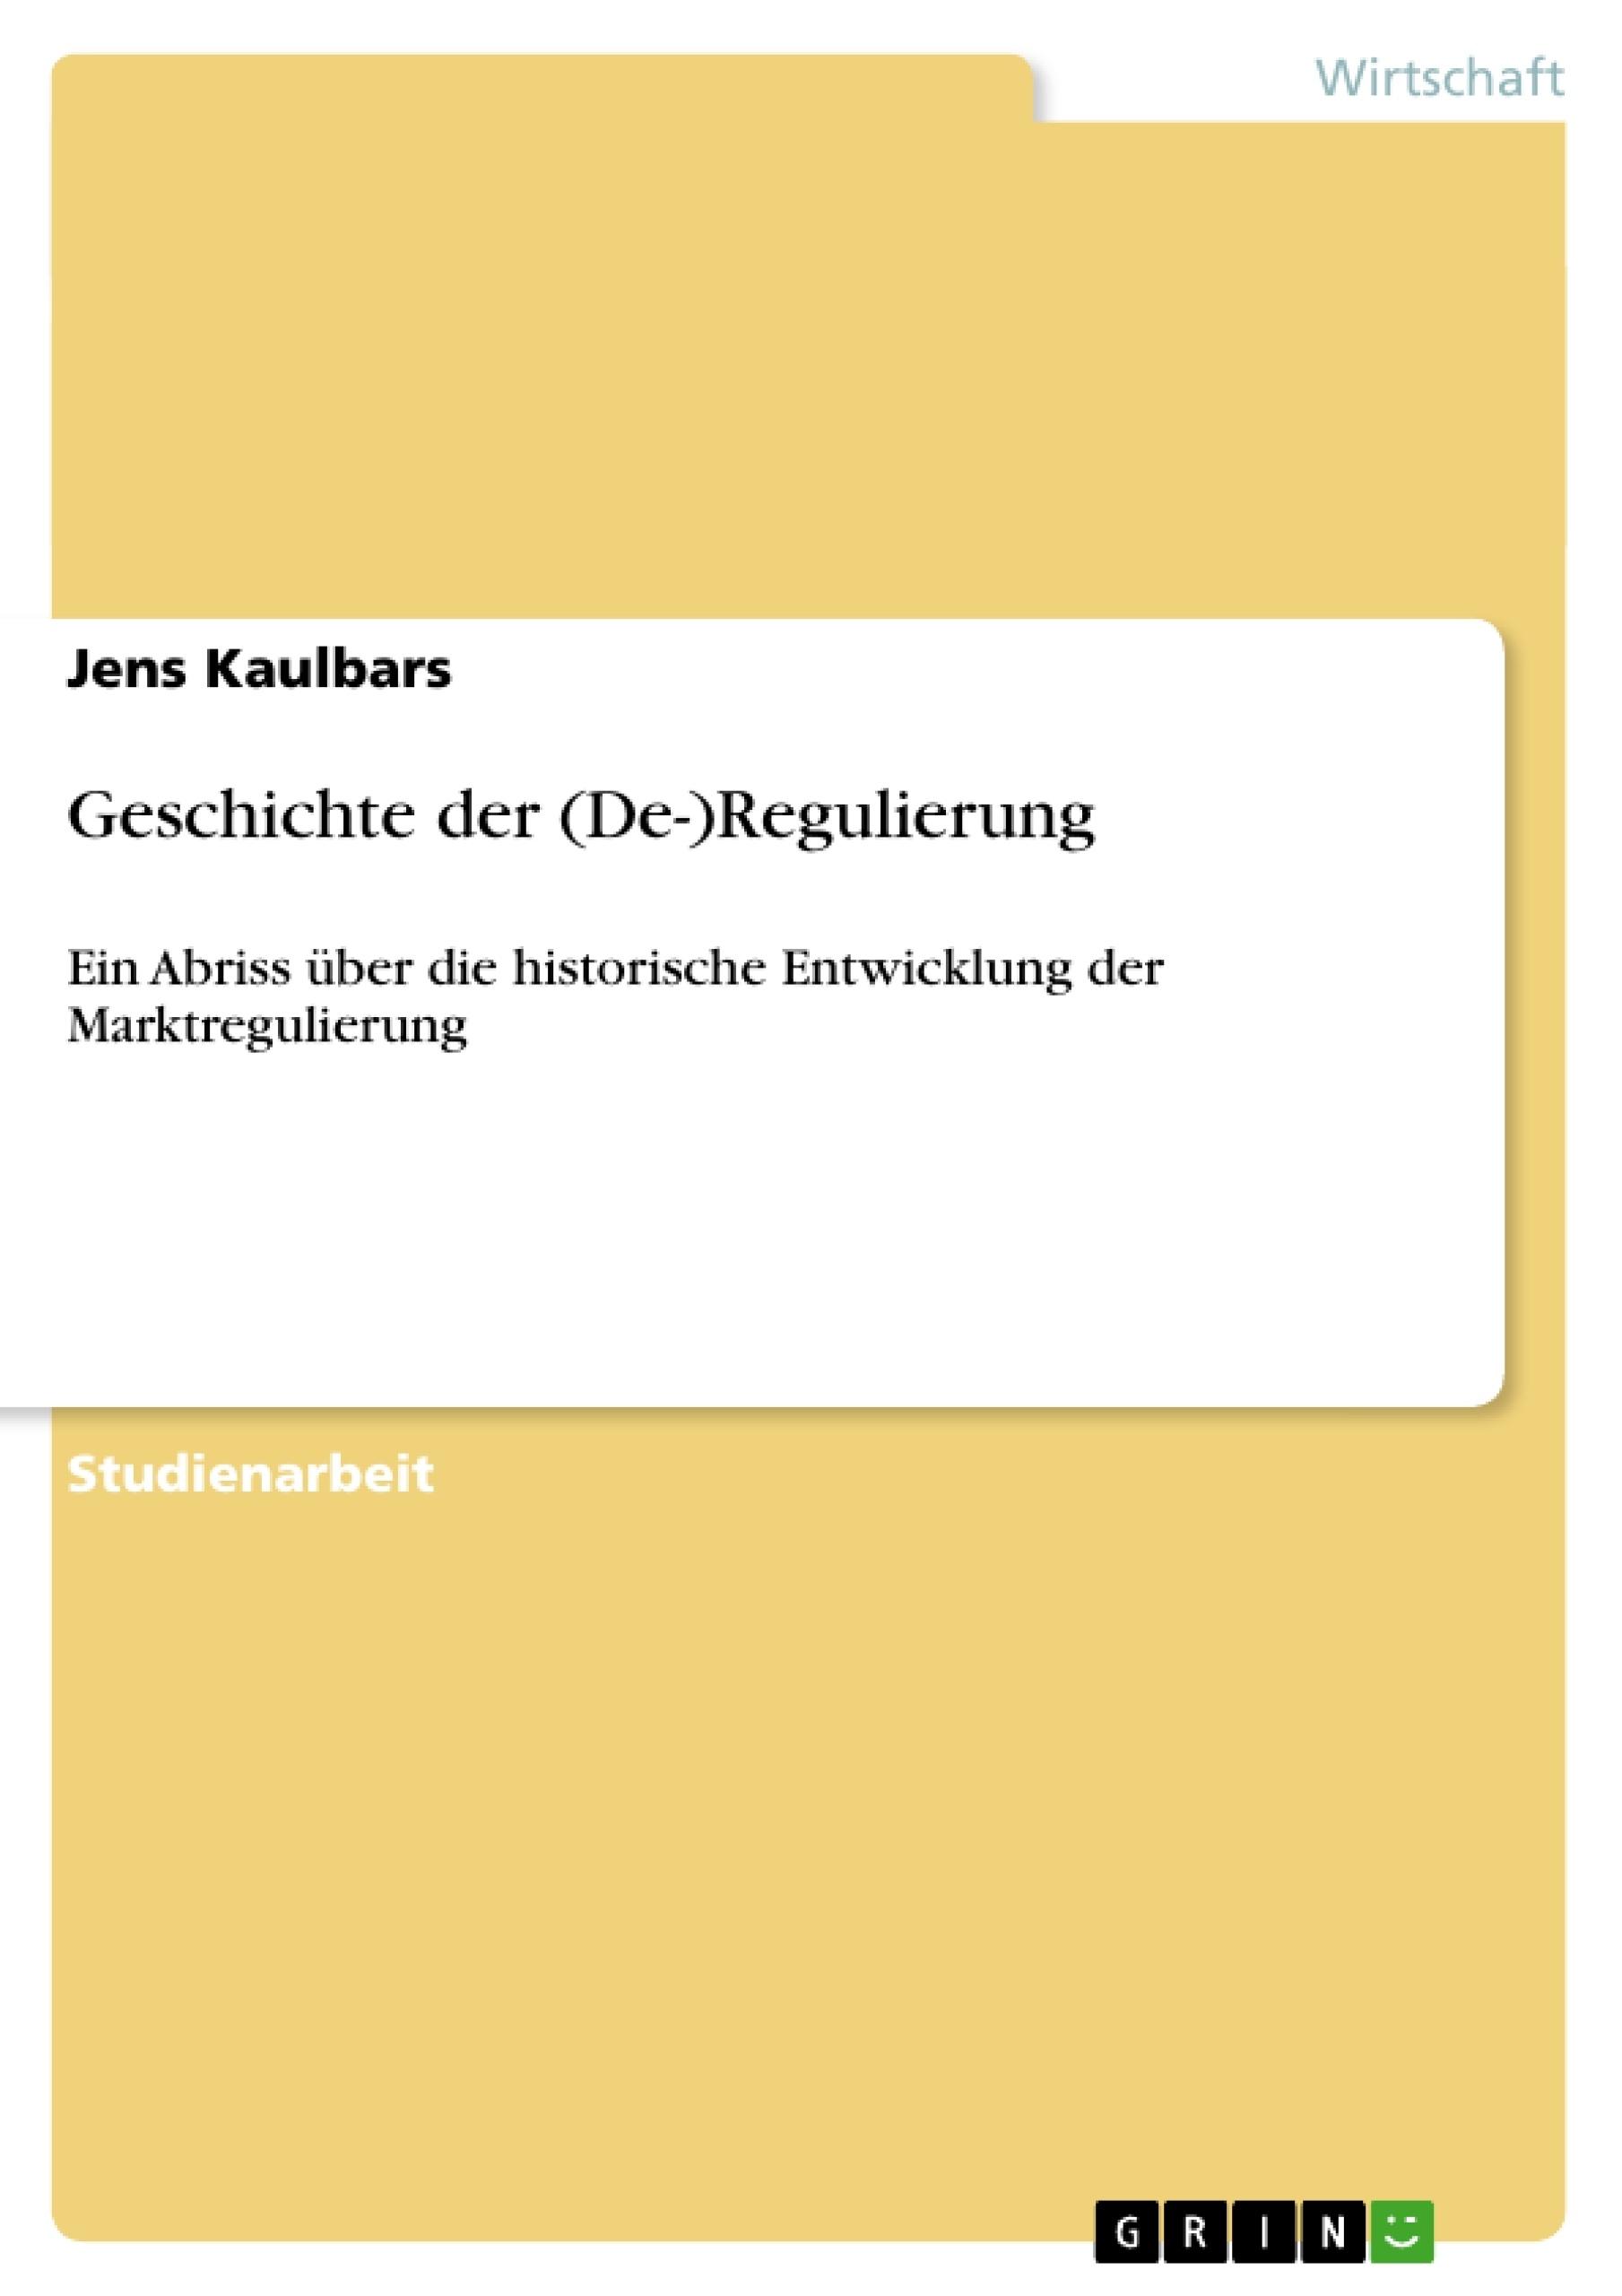 Titel: Geschichte der (De-)Regulierung